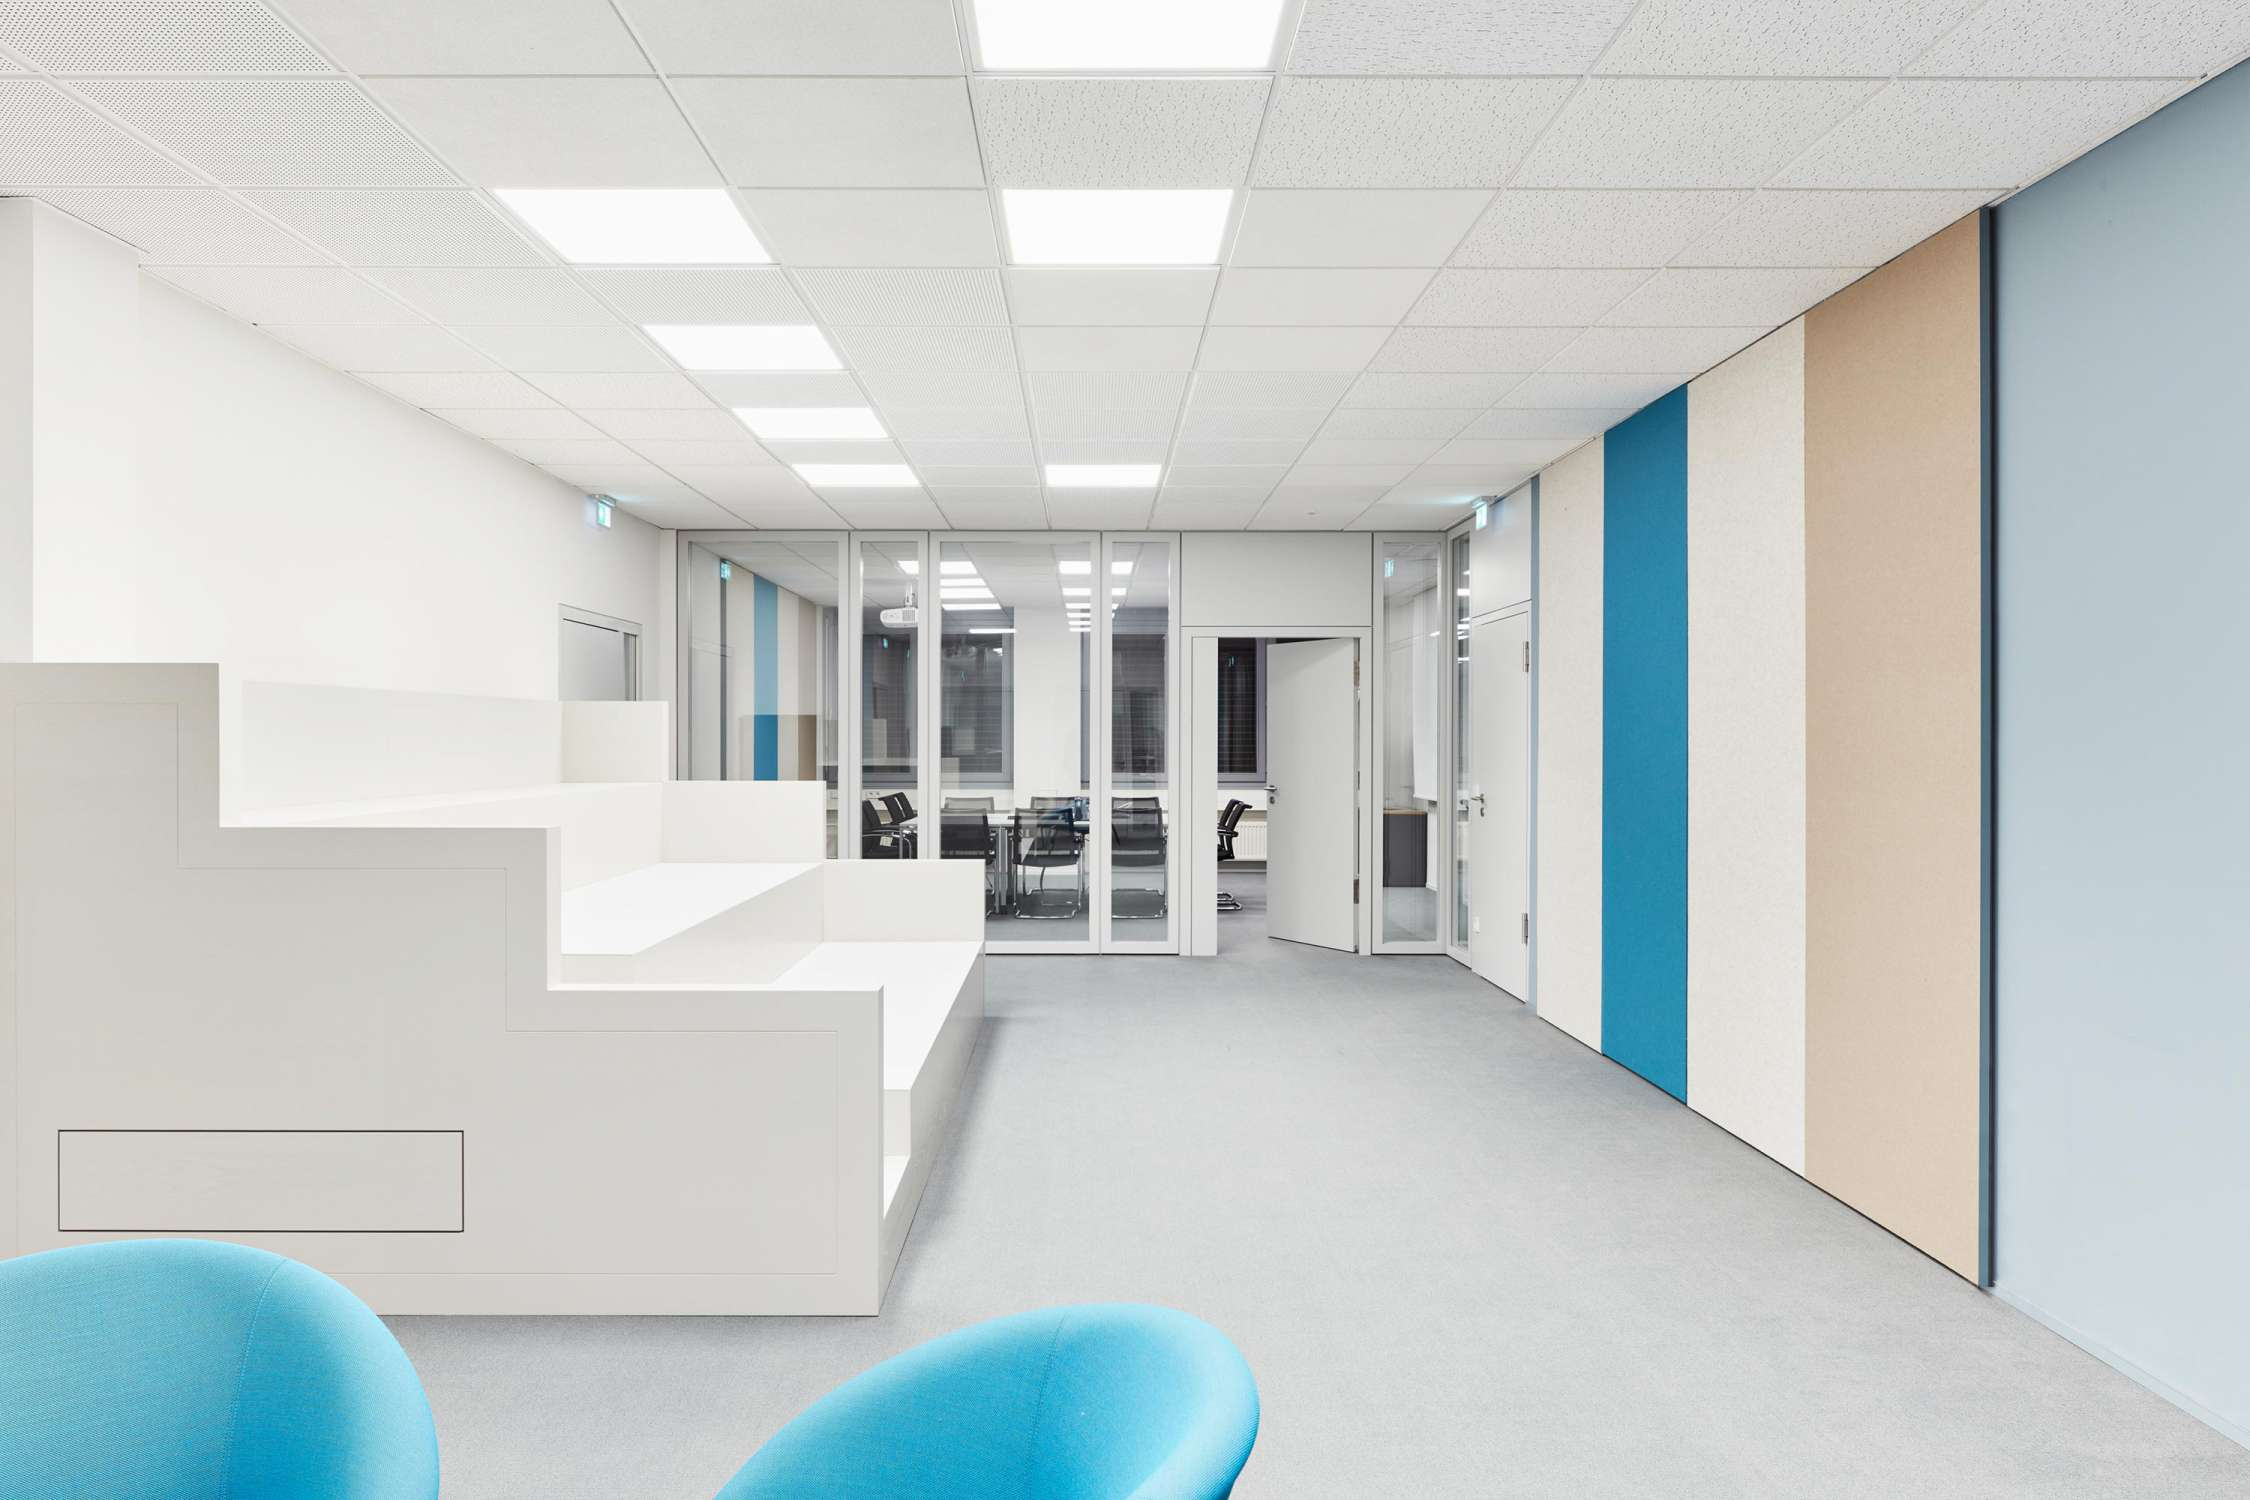 Büro- und Laborräume für Produktentwicklungsprozesse (6)